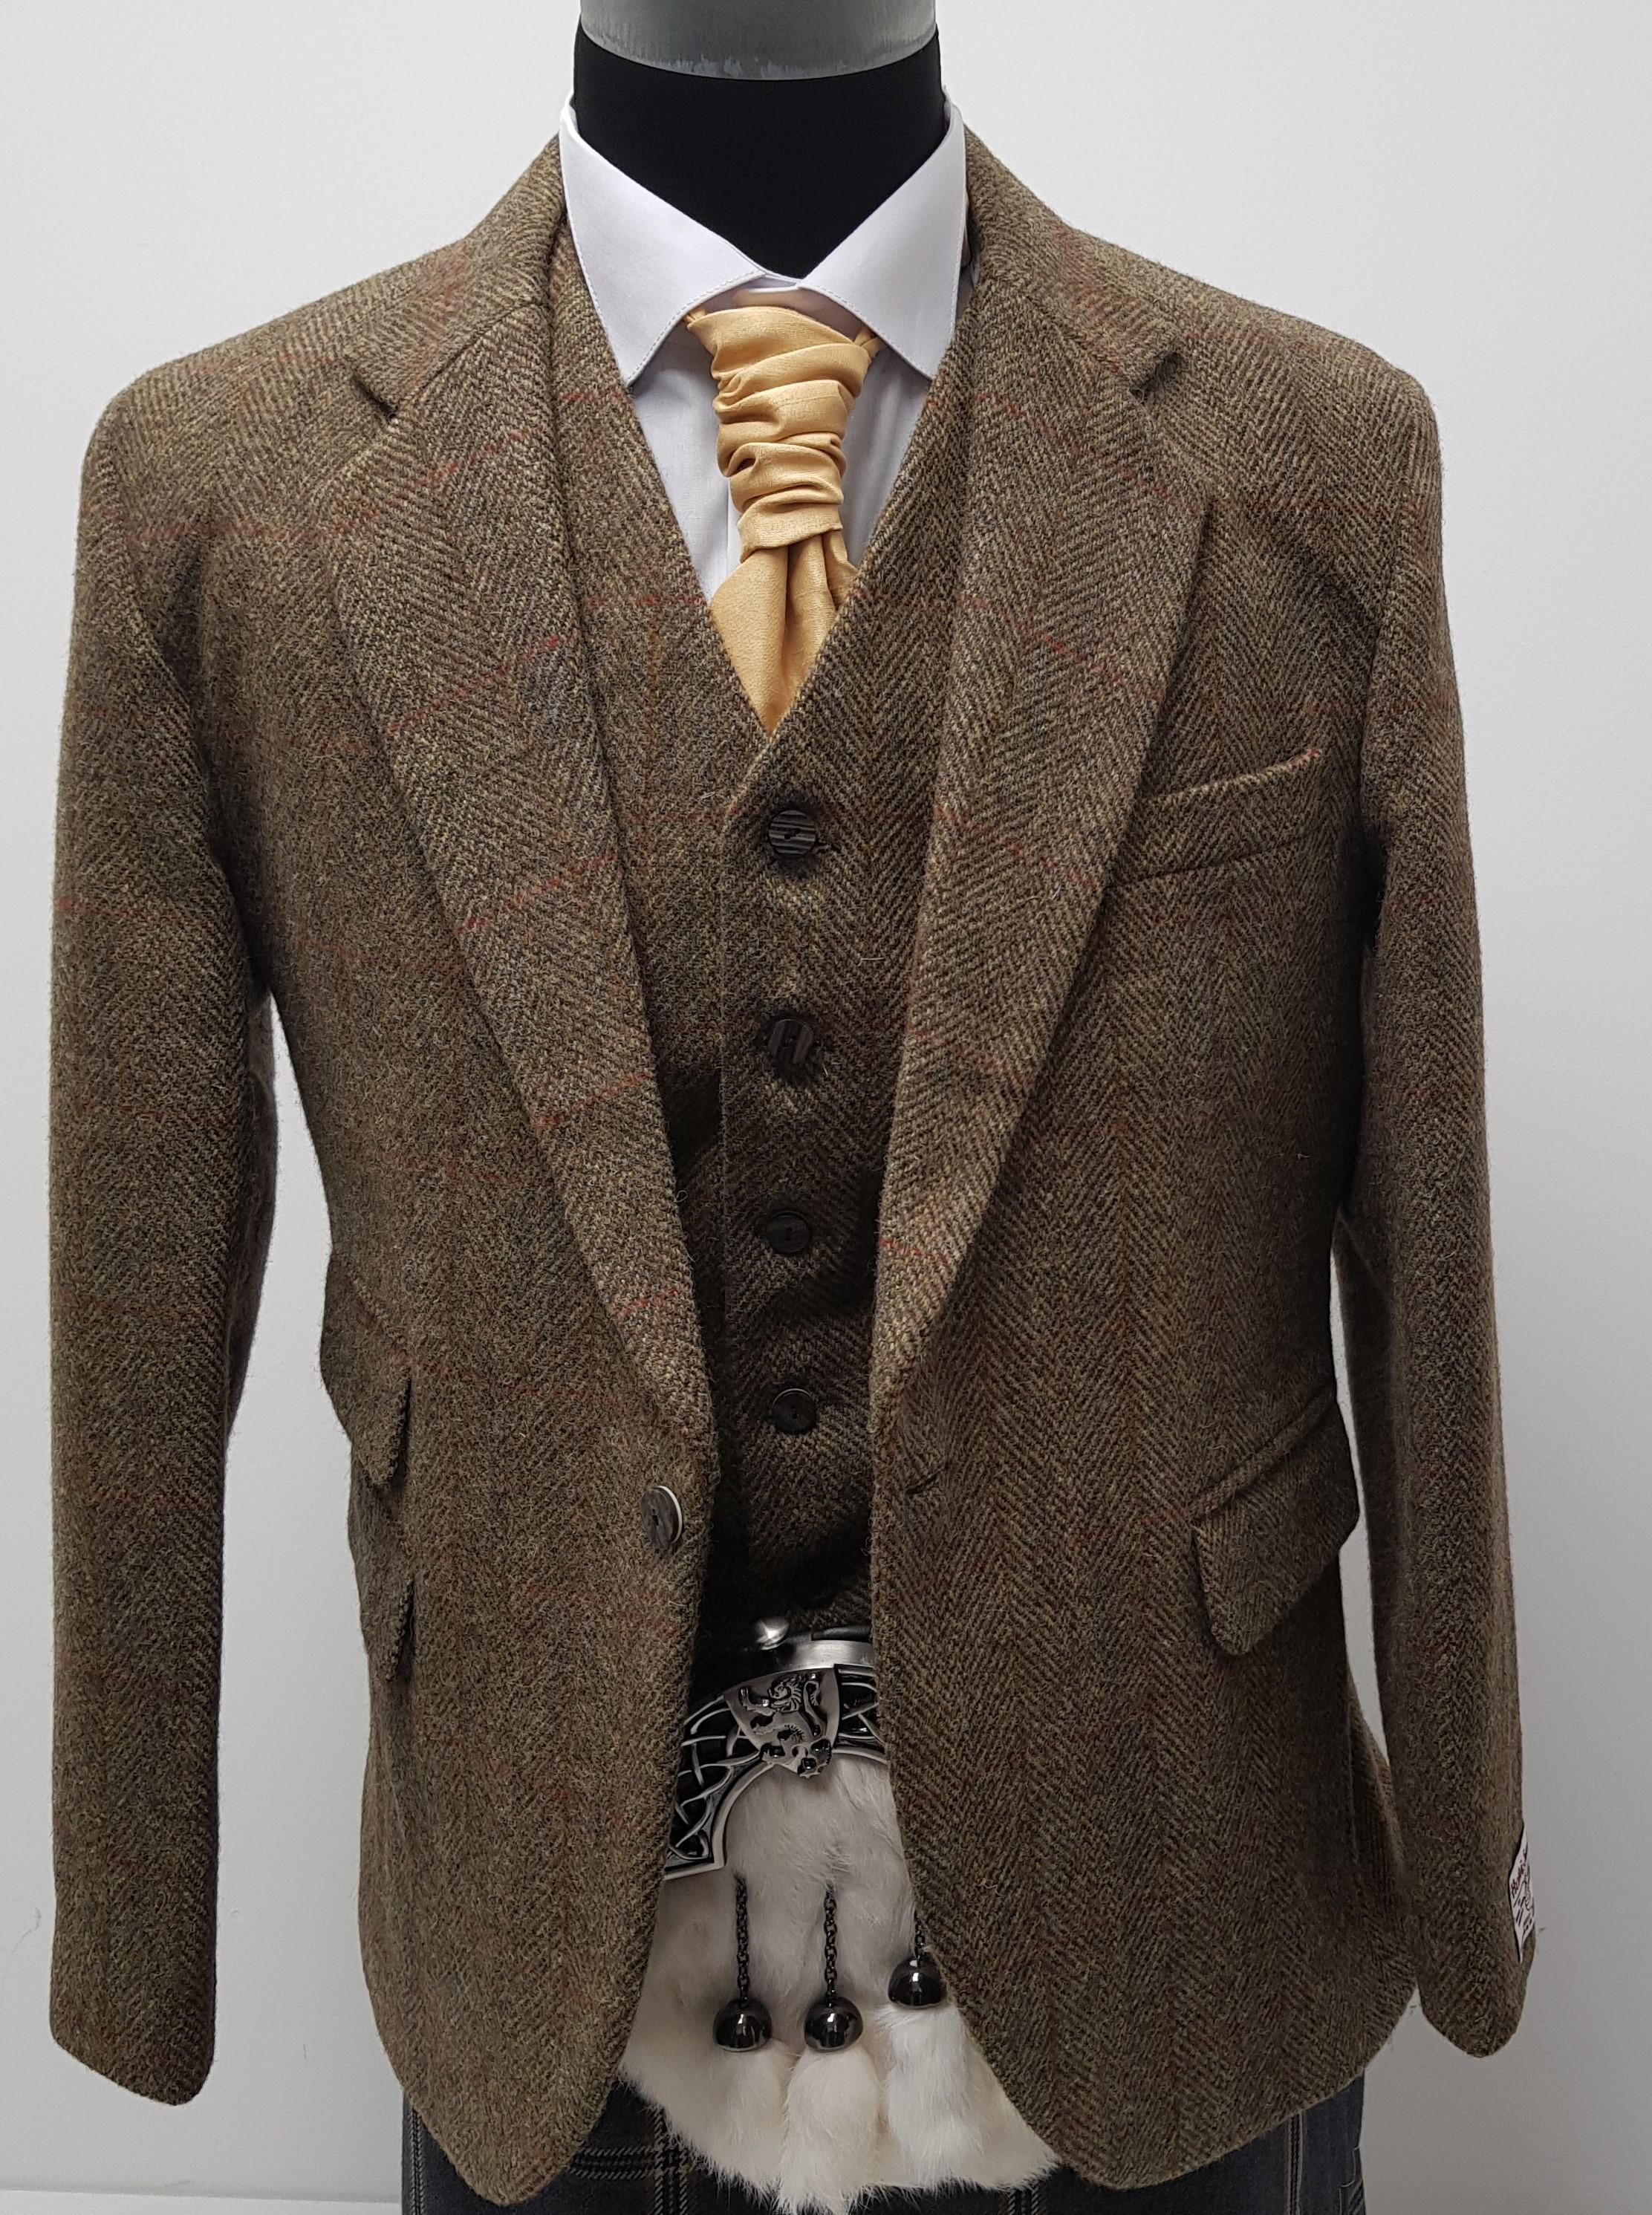 Guide Work Jacket Harris Tweed My Style T Tweed